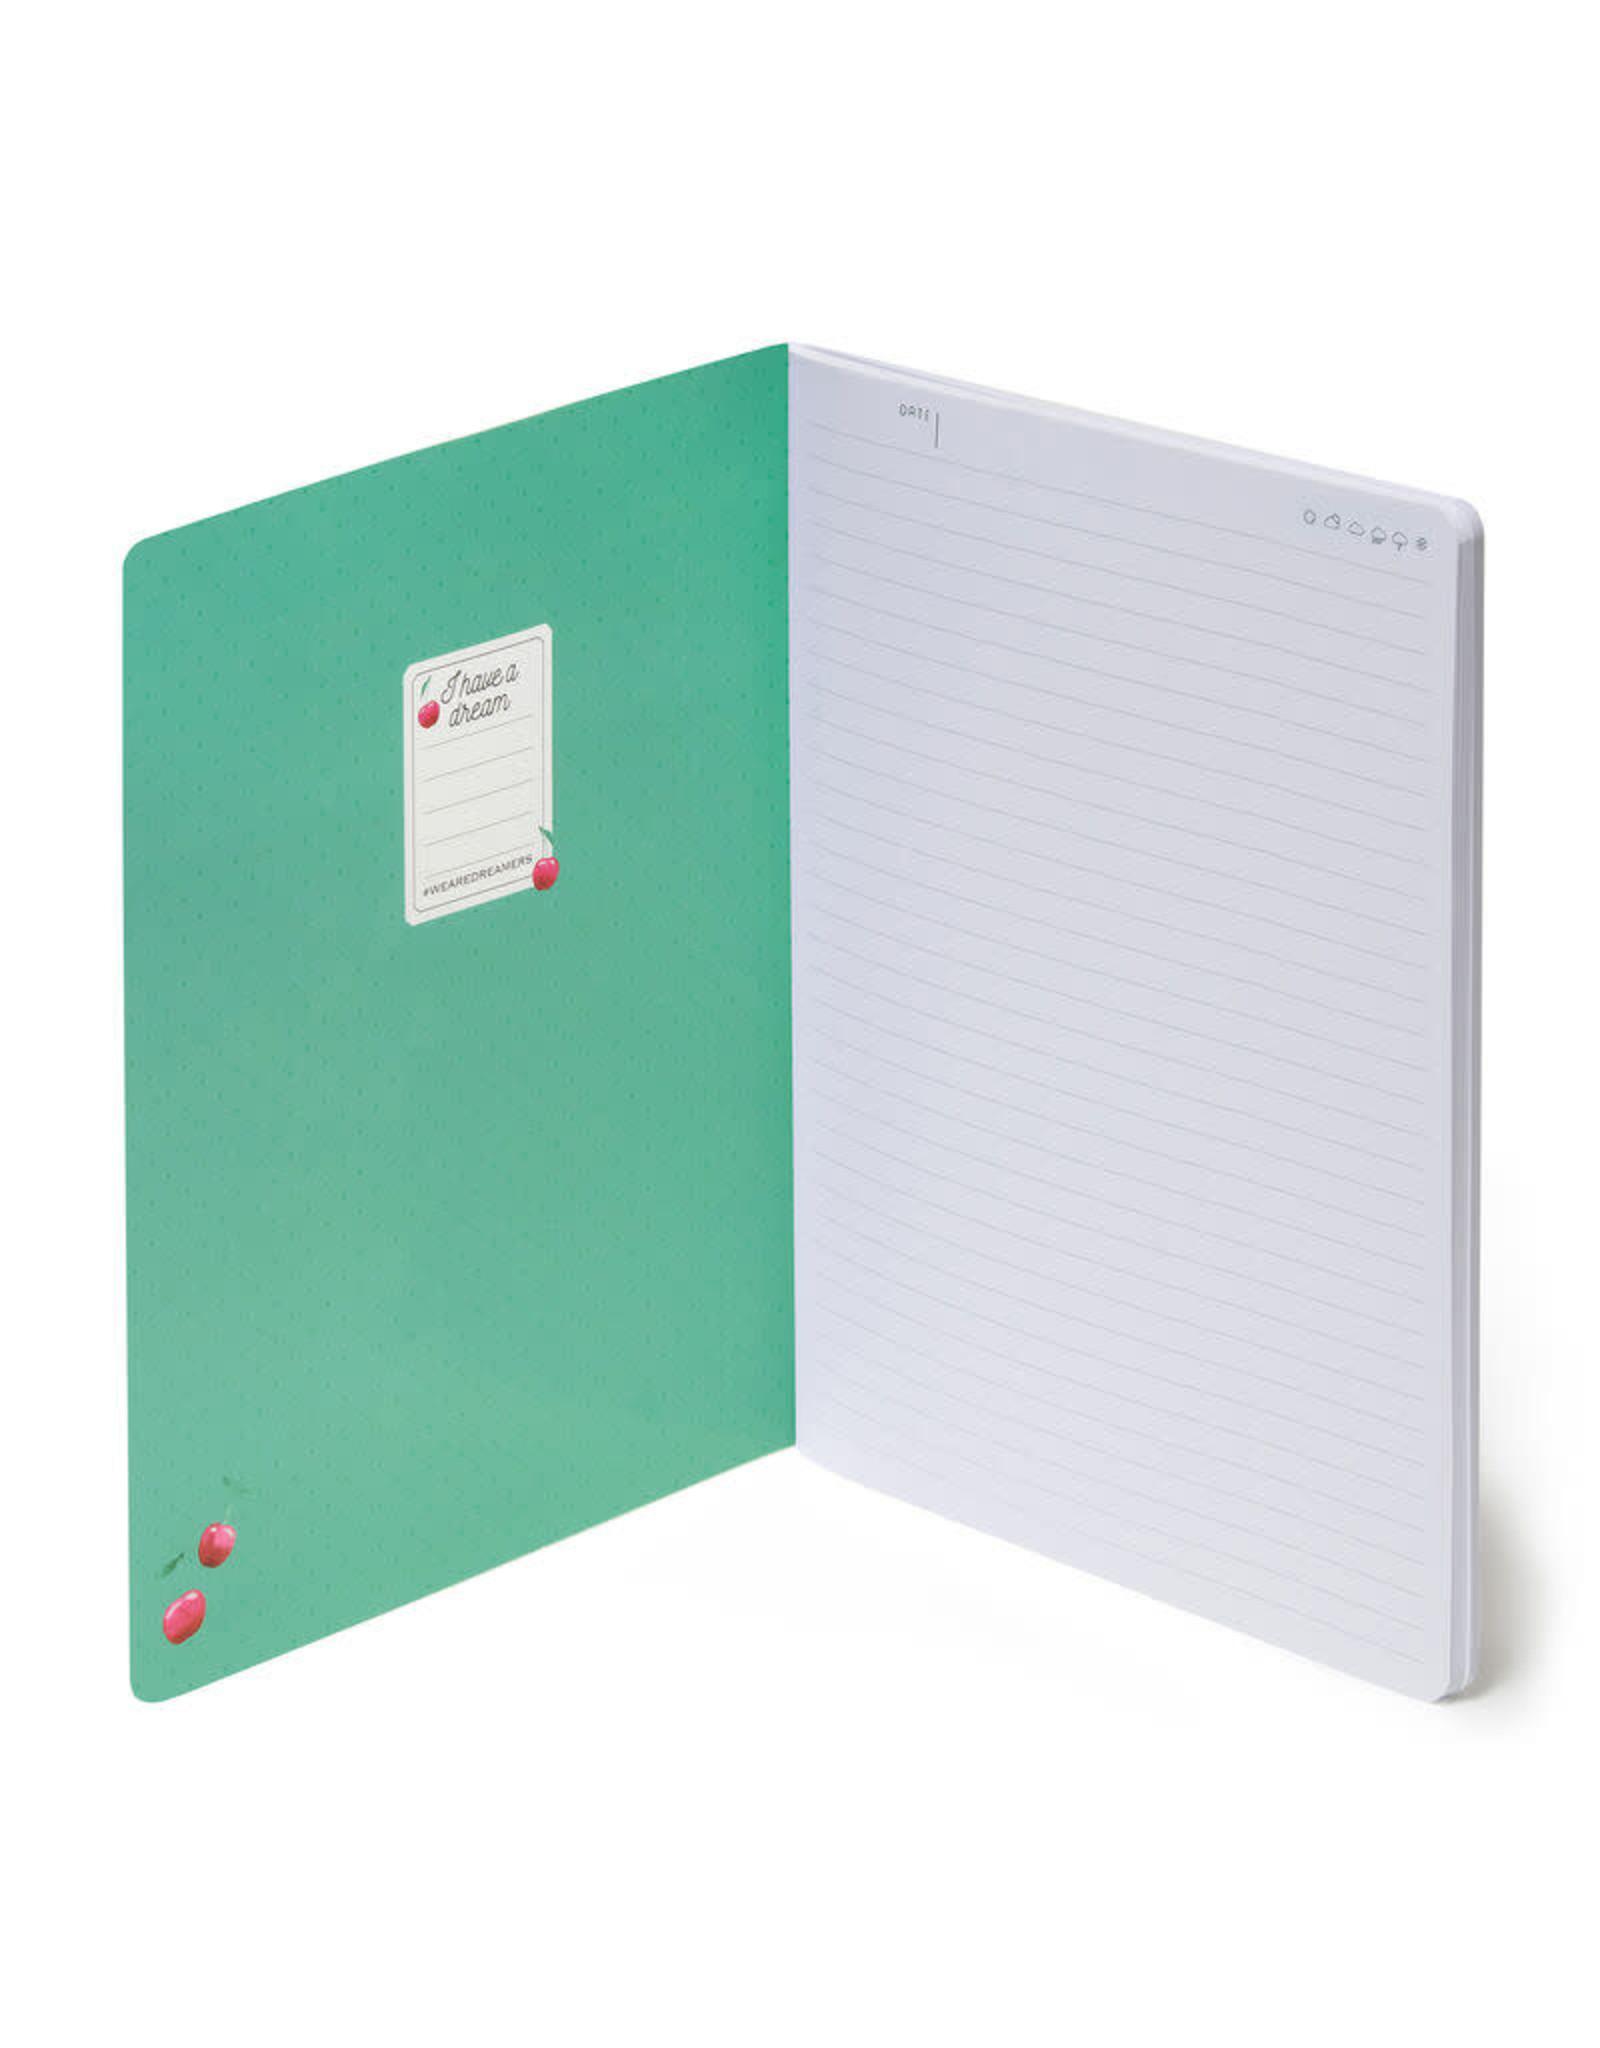 Notaboek gelijnd groot kers